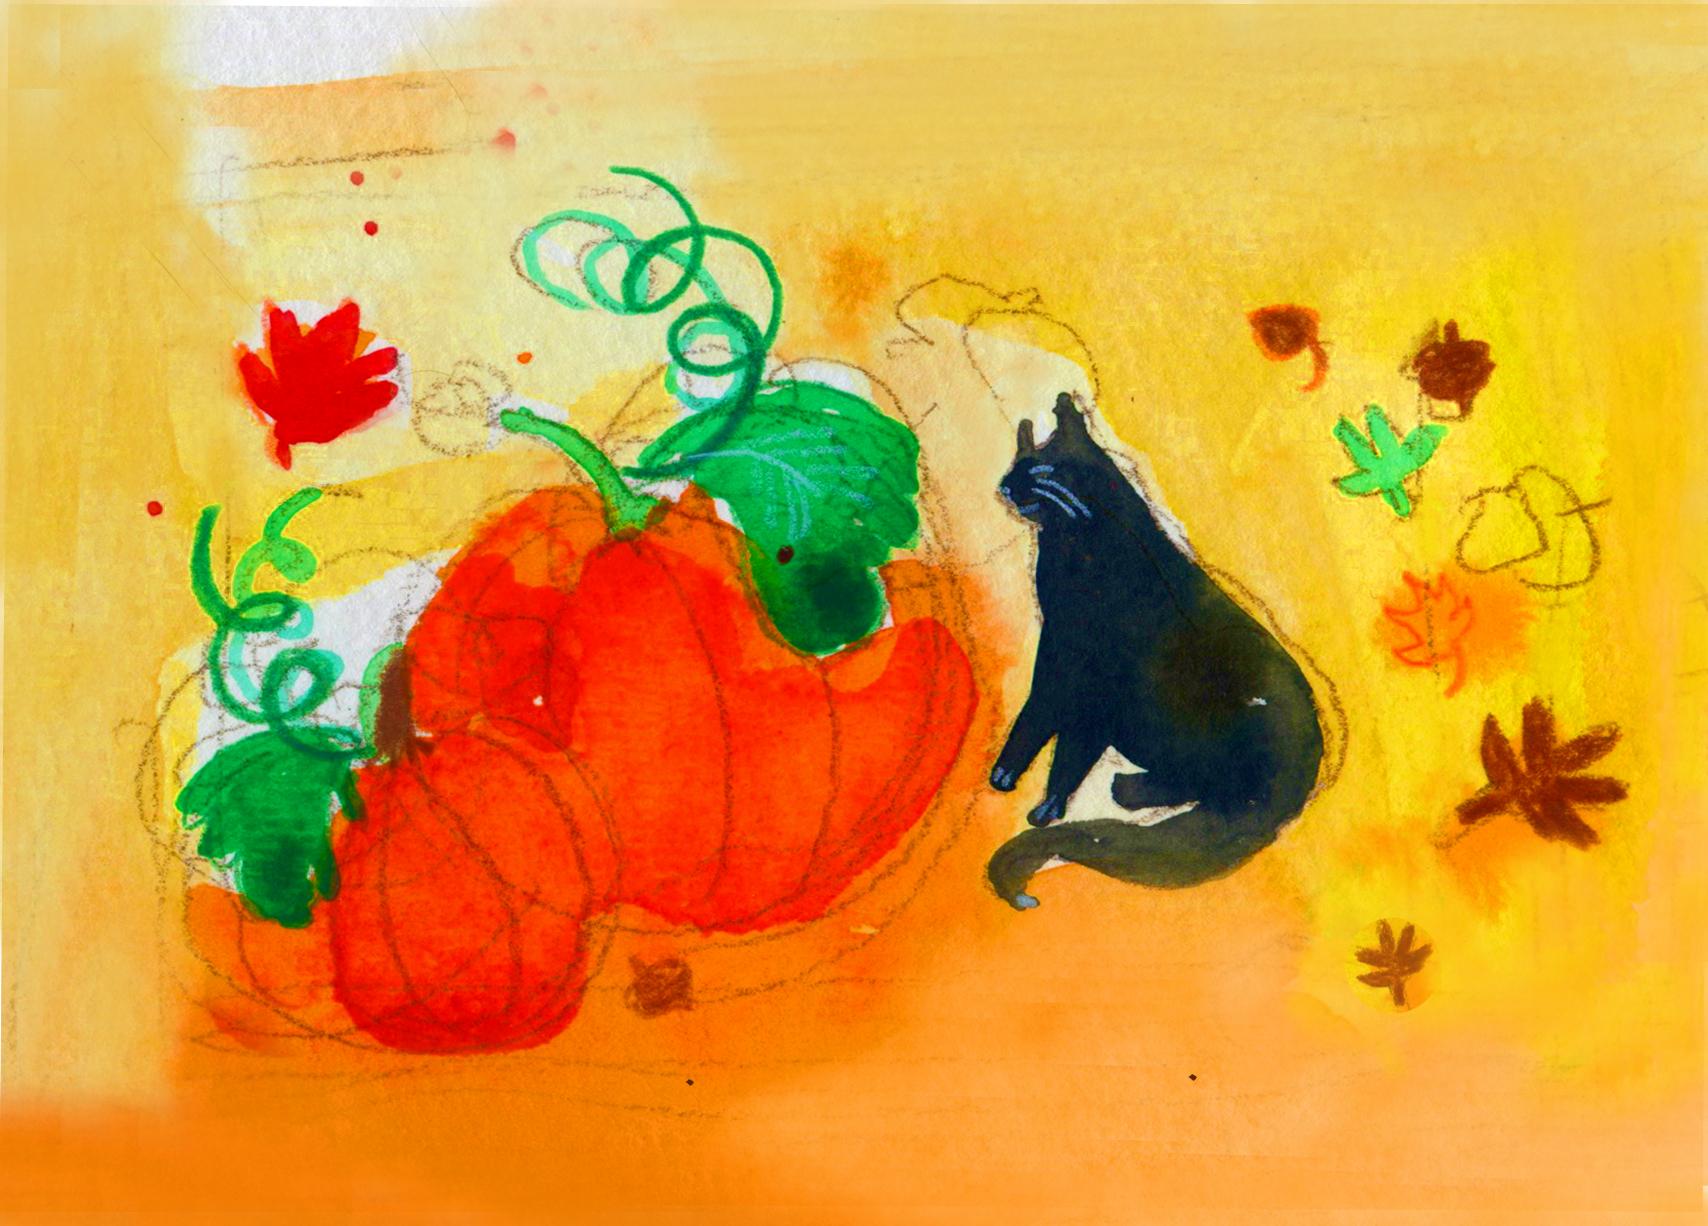 CatLookingAtPumpkin.jpg